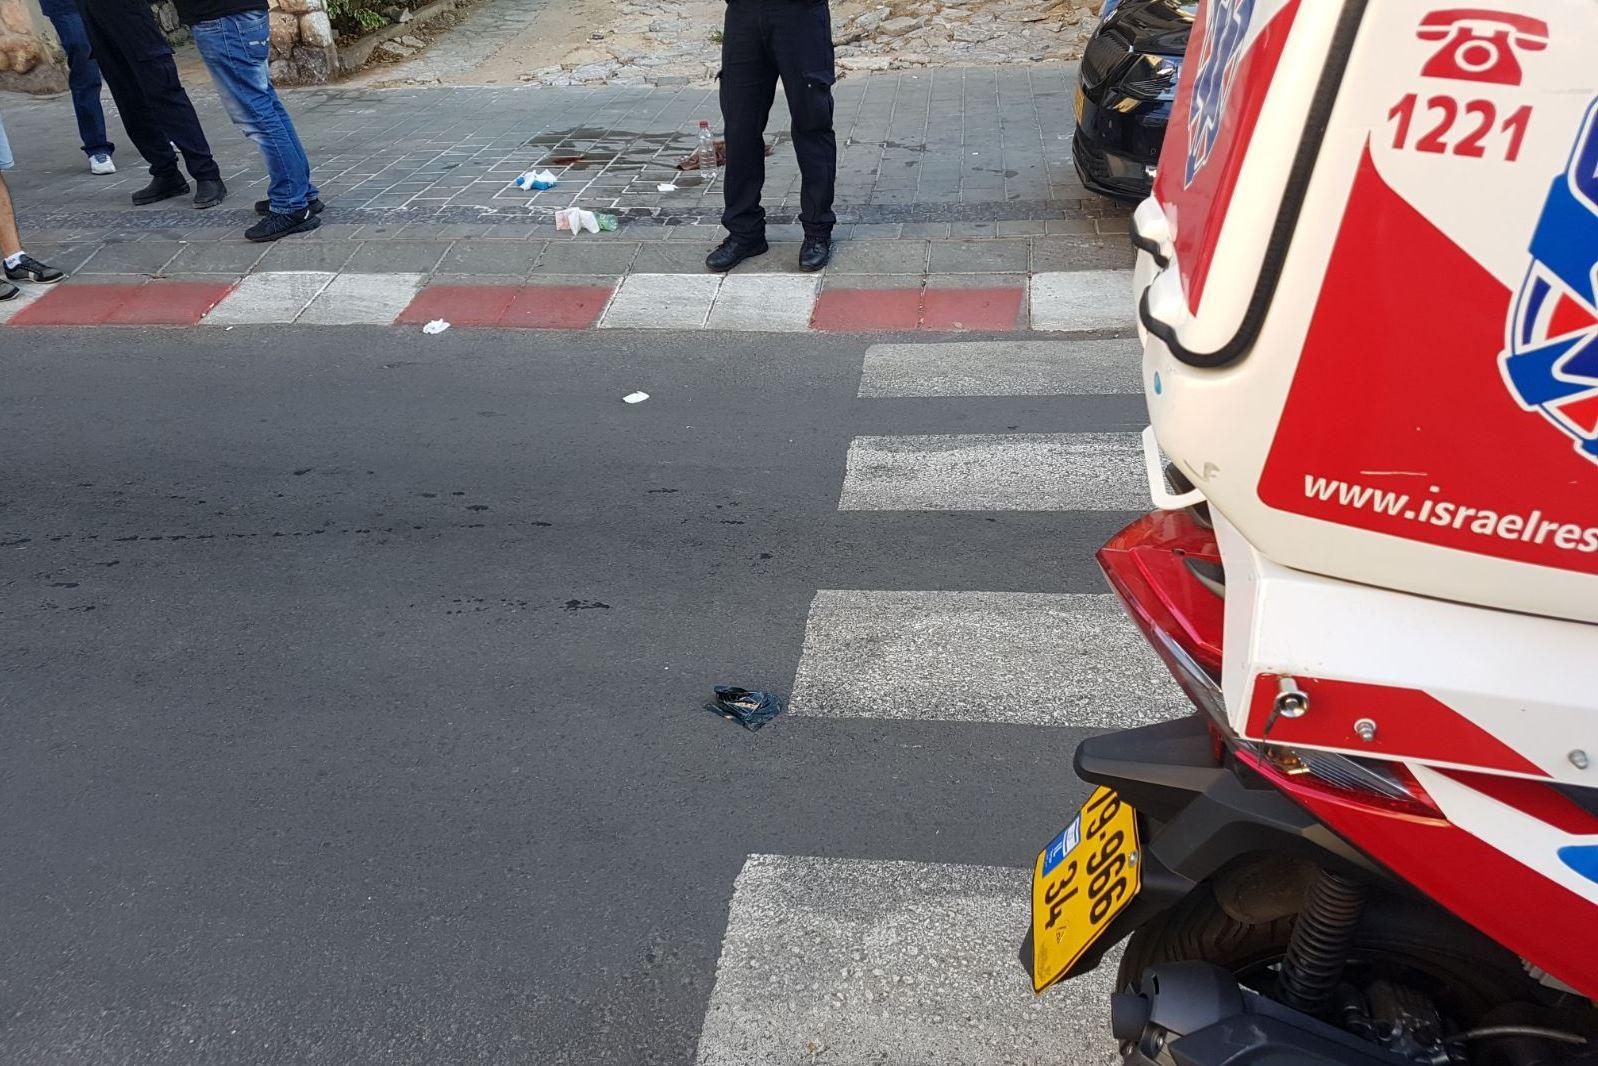 הולך רגל בן 14 נפגע מרכב סמוך לצומת חוצות – מצבו בינוני